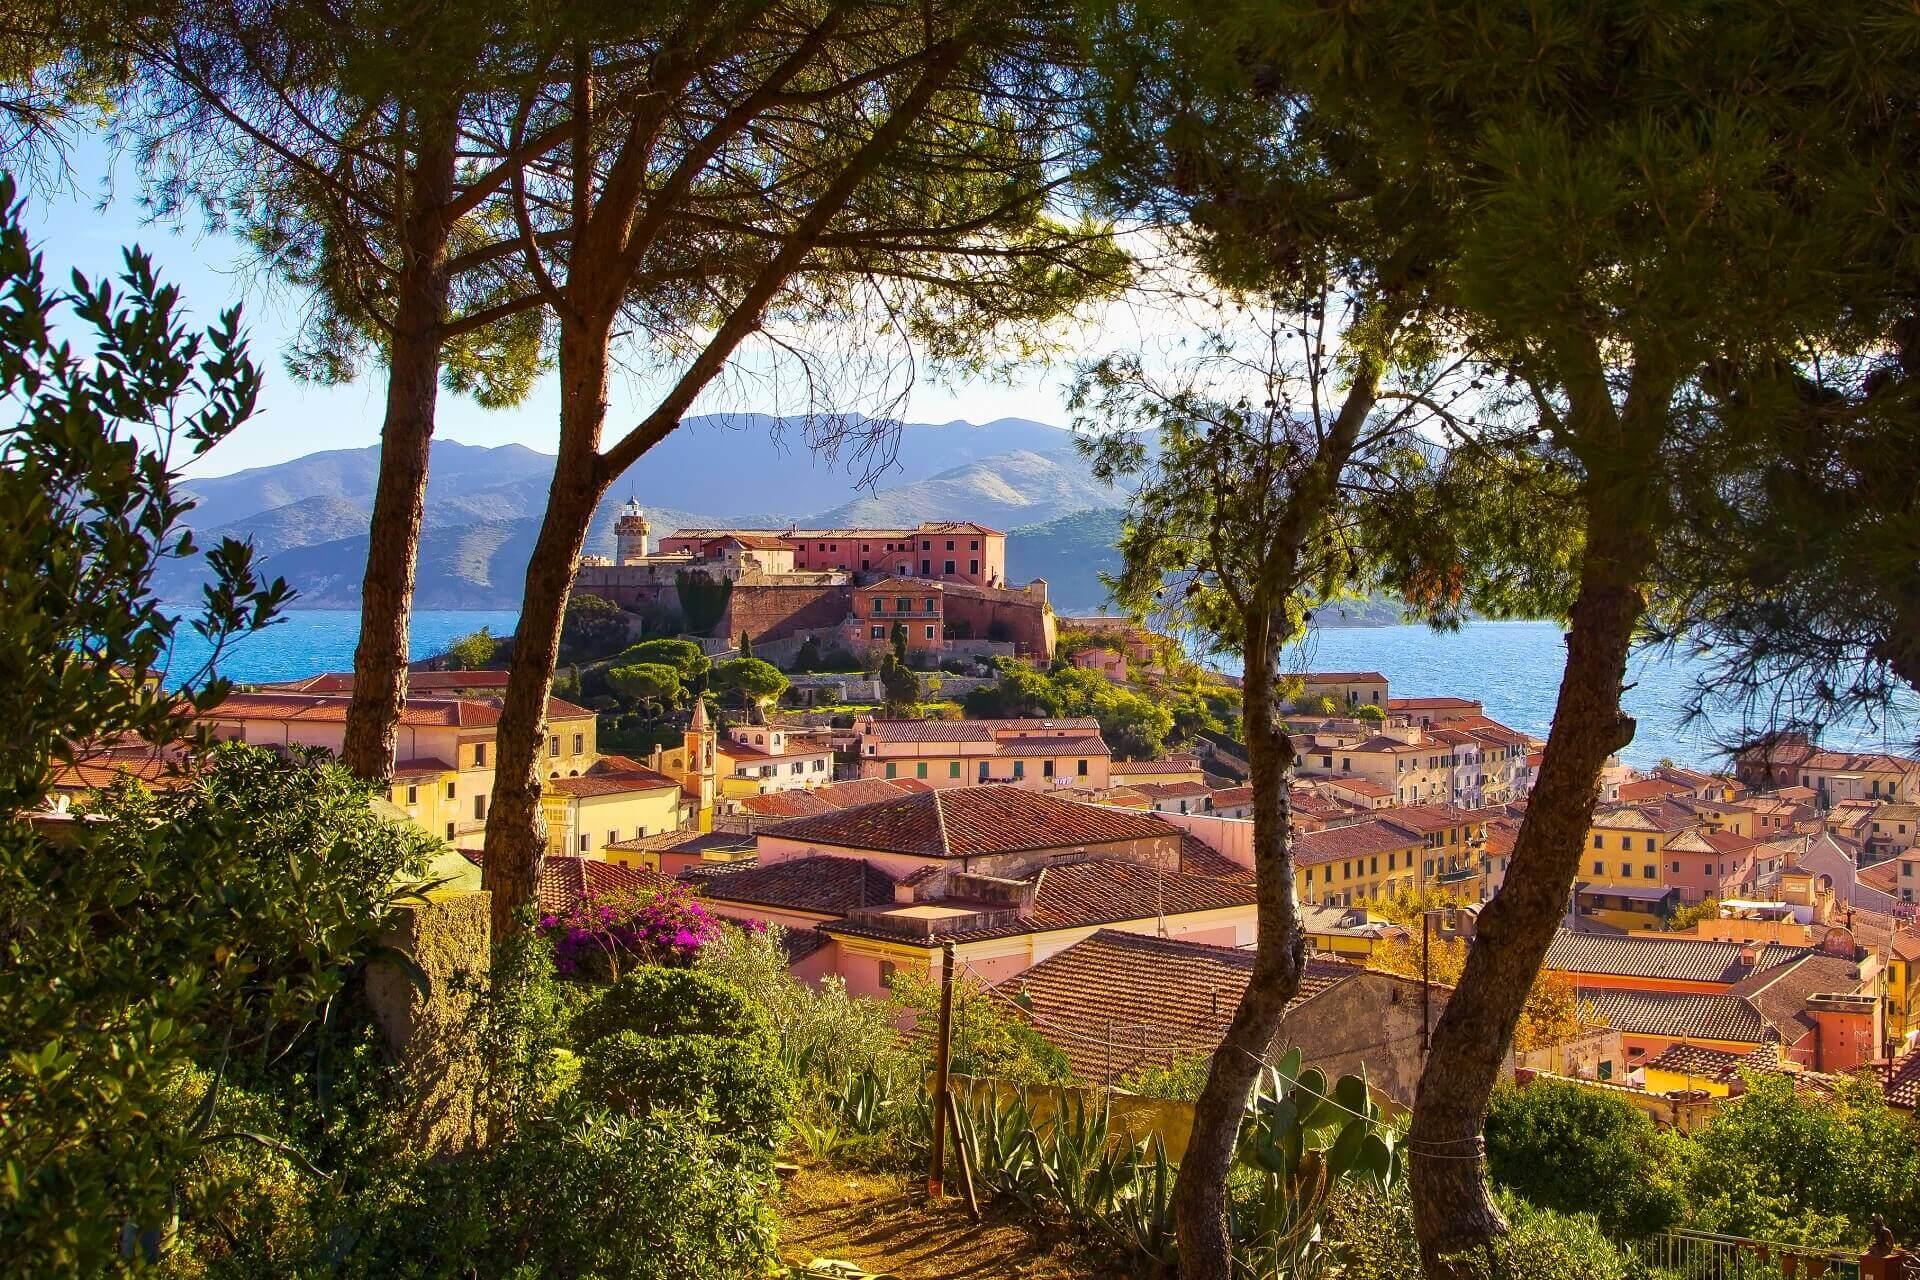 Portoferraio auf Elba in Italien ist einen Besuch wert